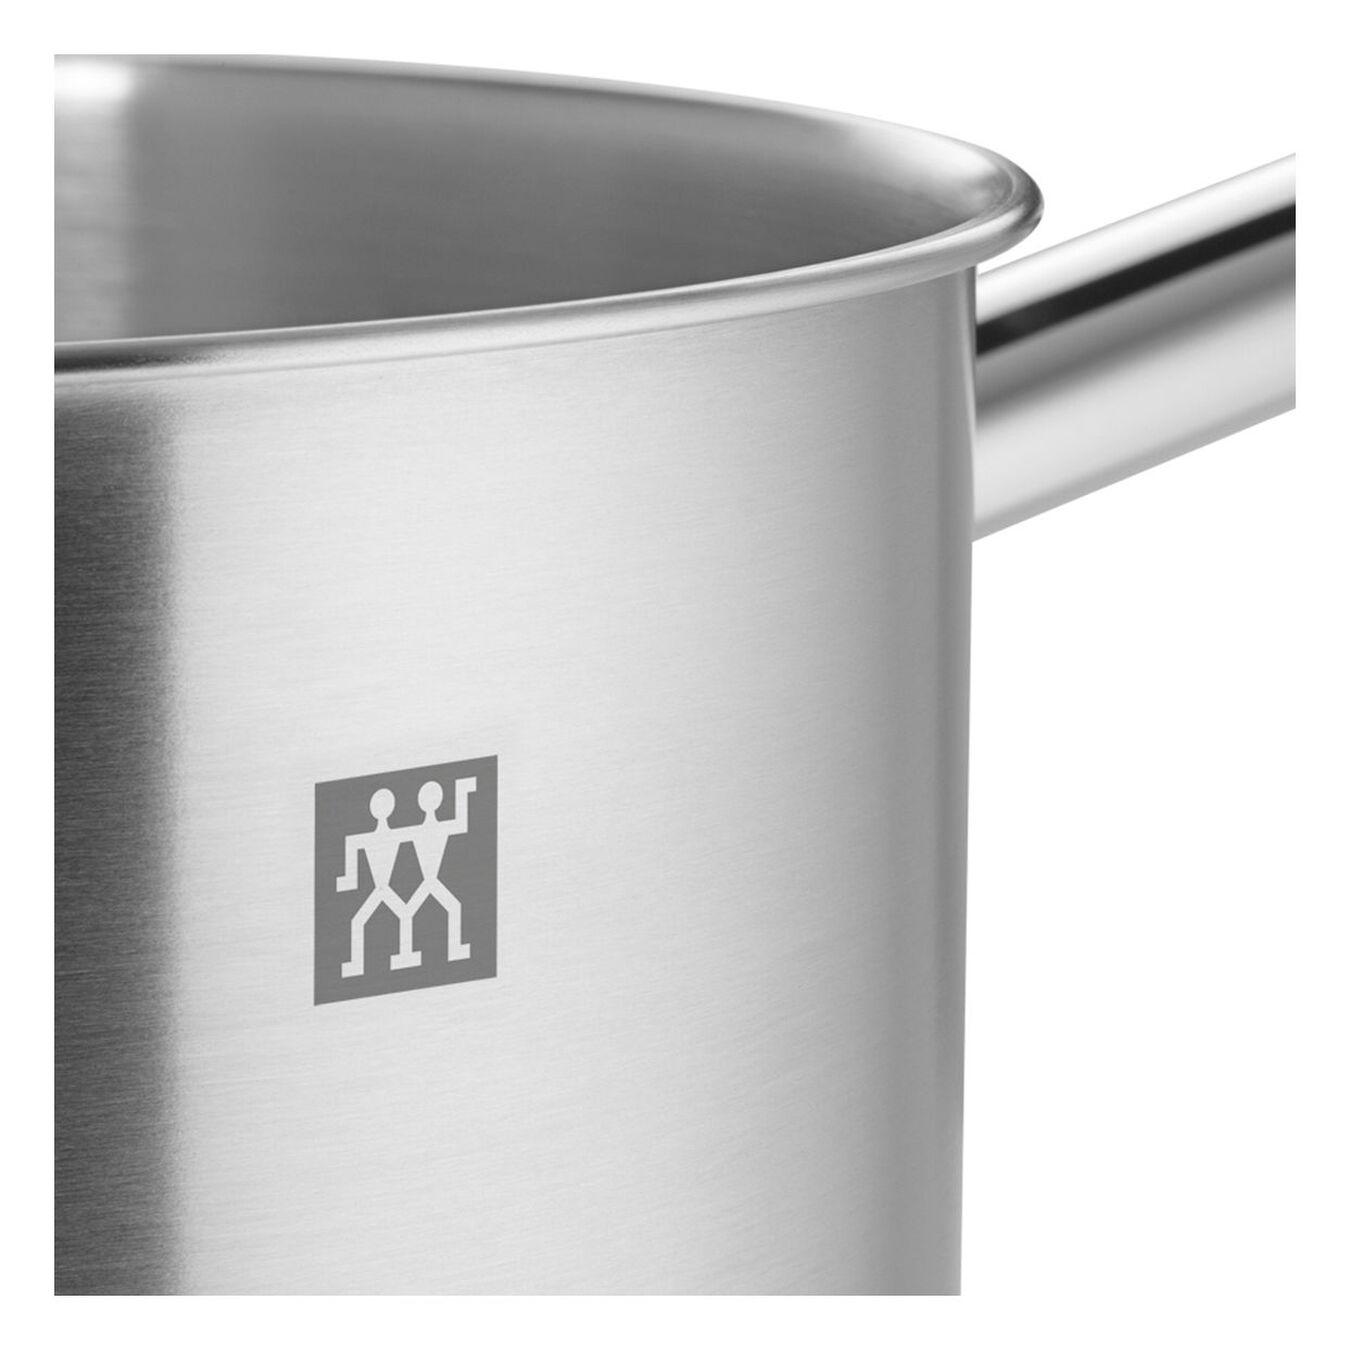 Ensemble de casseroles 4-pcs, Inox 18/10,,large 5